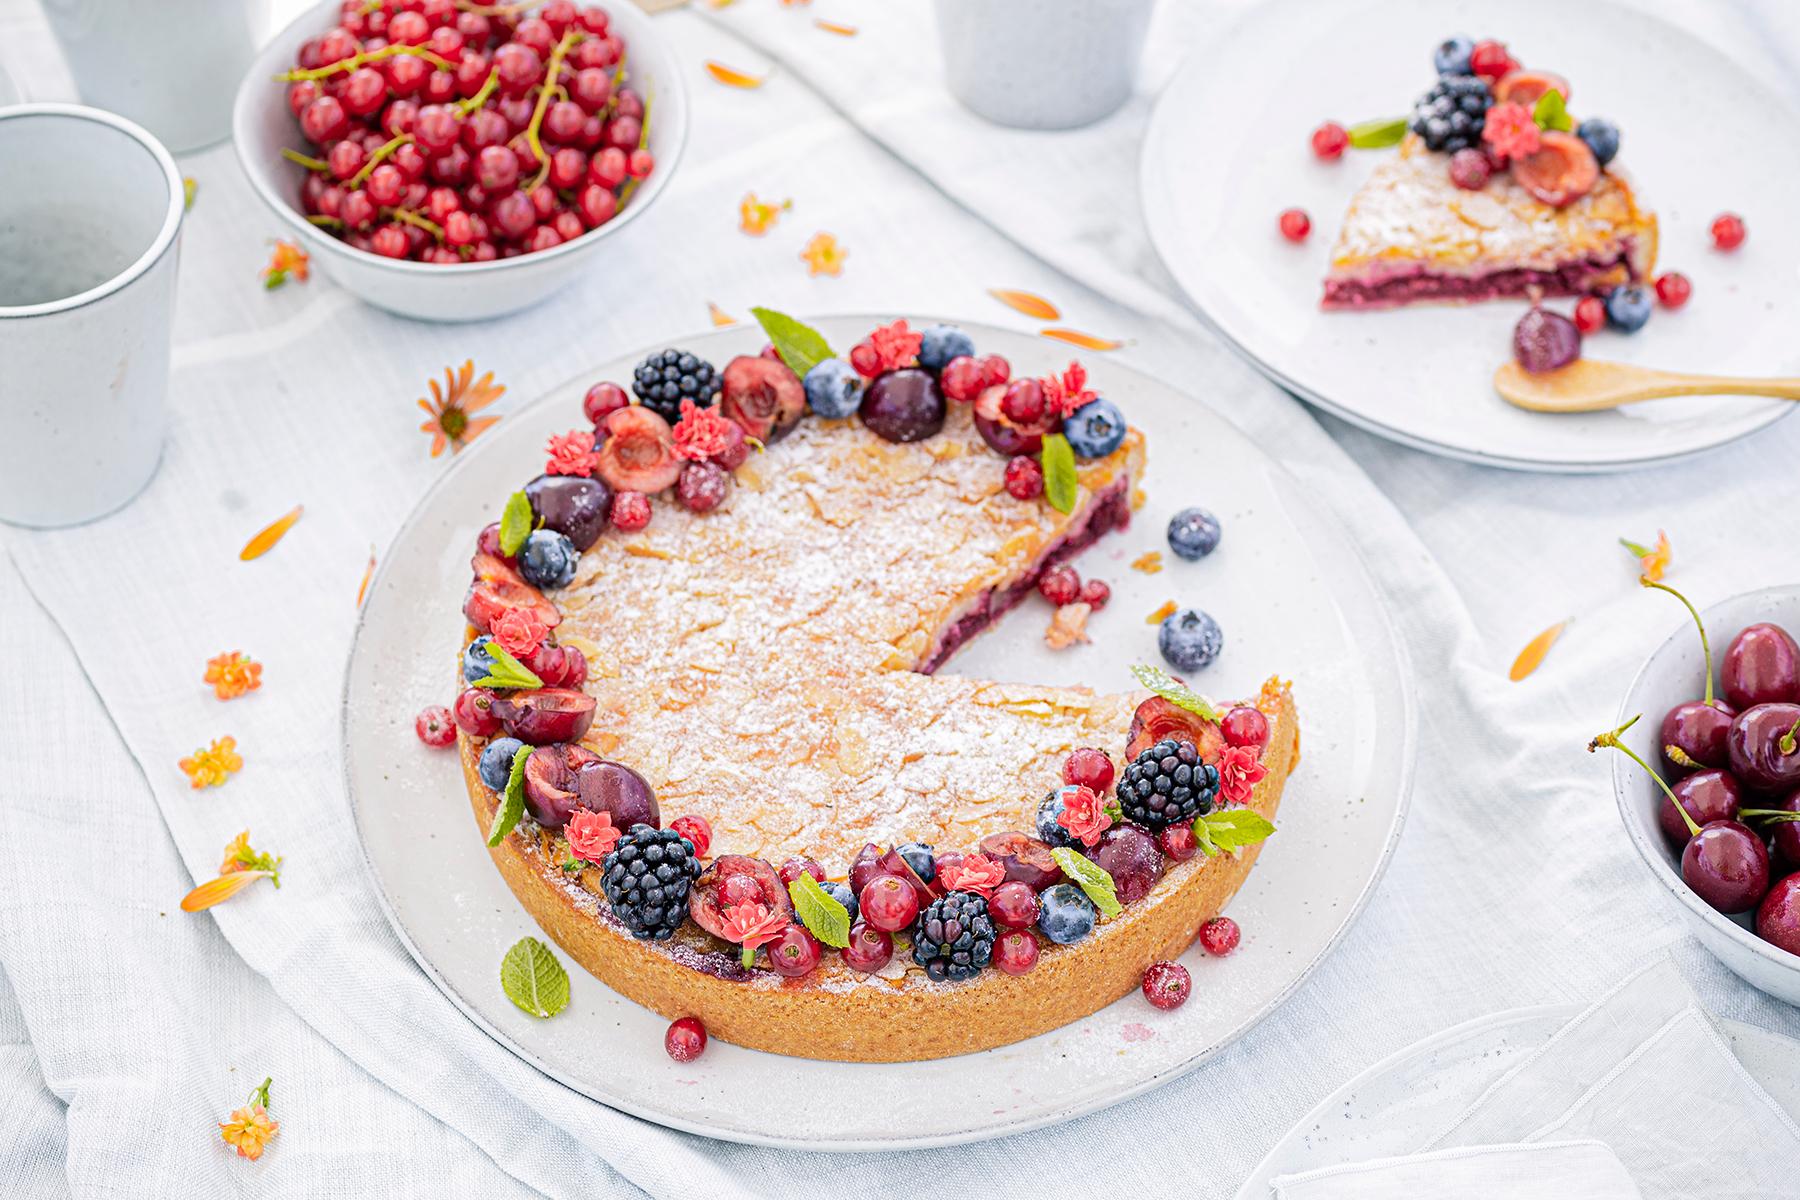 Passendes Picknick-Rezept: Kirsch-Mandelkuchen mit Beerentopping